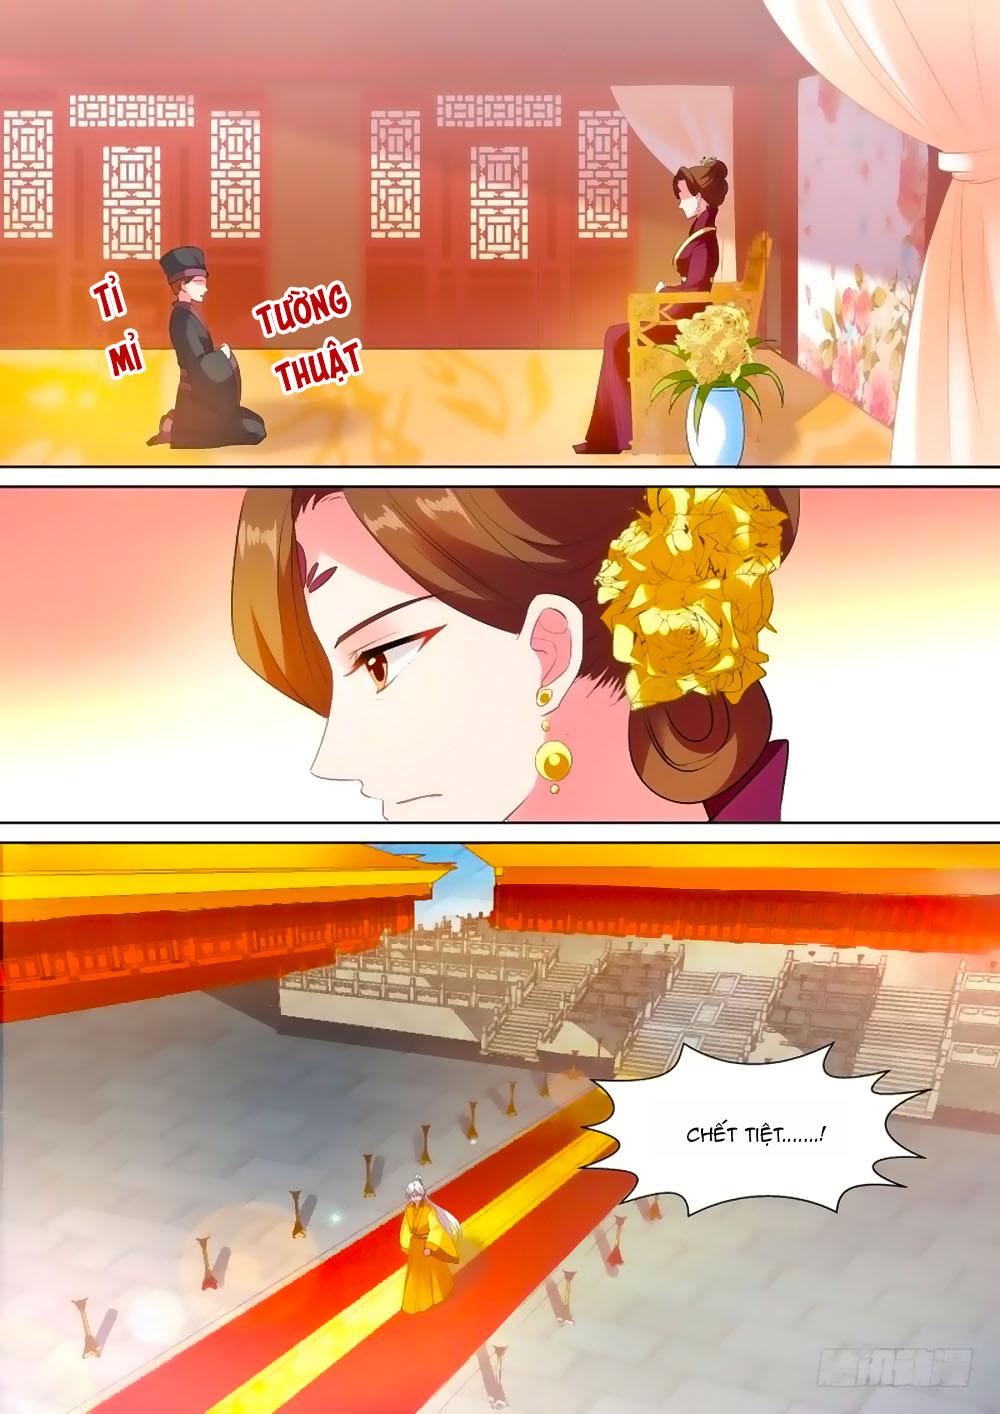 Hệ Thống Chế Tạo Nữ Thần chap 111 - Trang 3